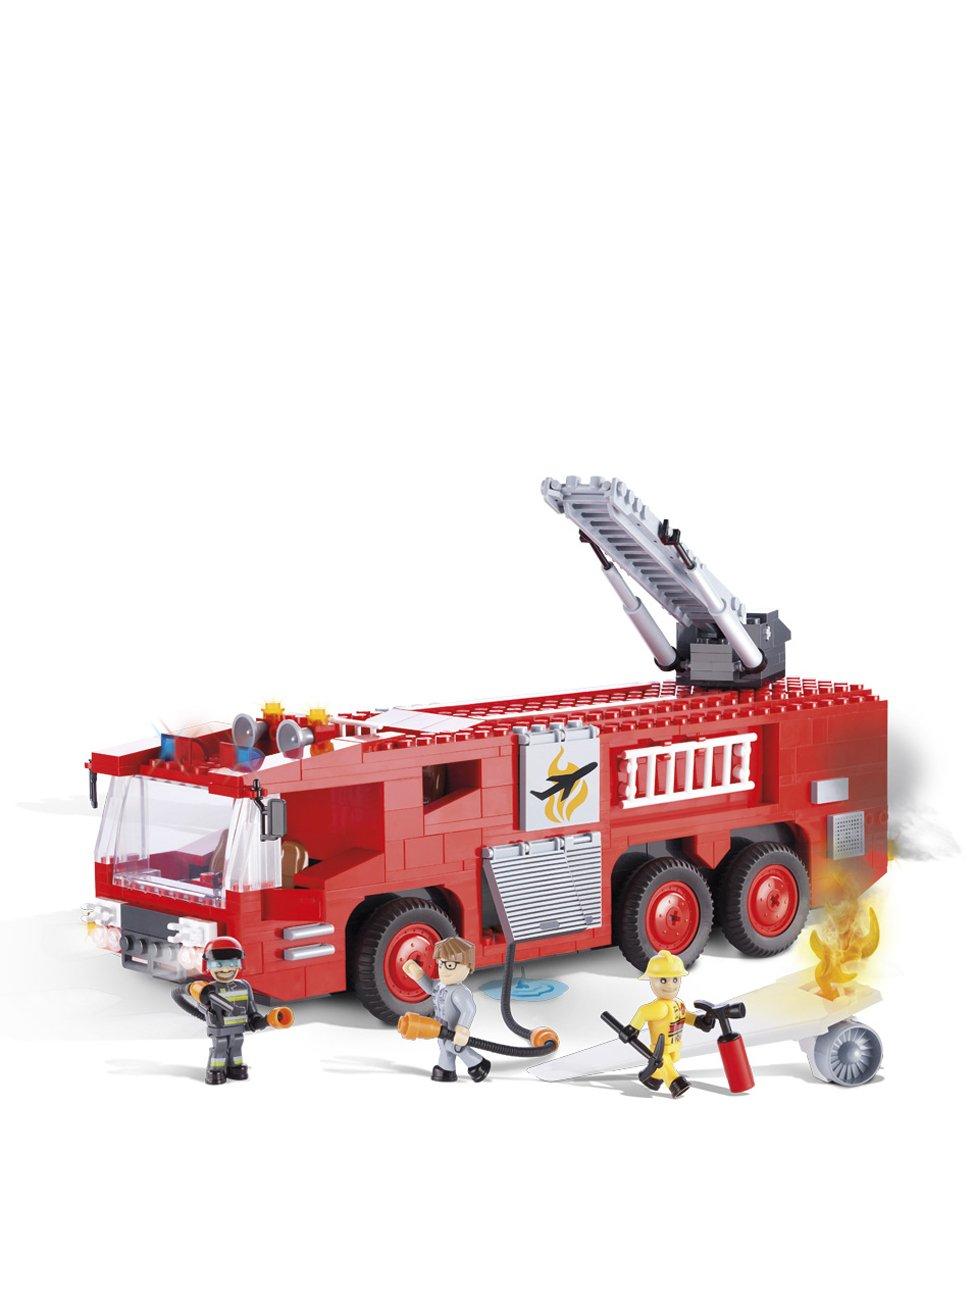 COBI 1467 – Flughafen Feuerwehr aus der Action Town Serie – 420 Bausteine günstig online kaufen